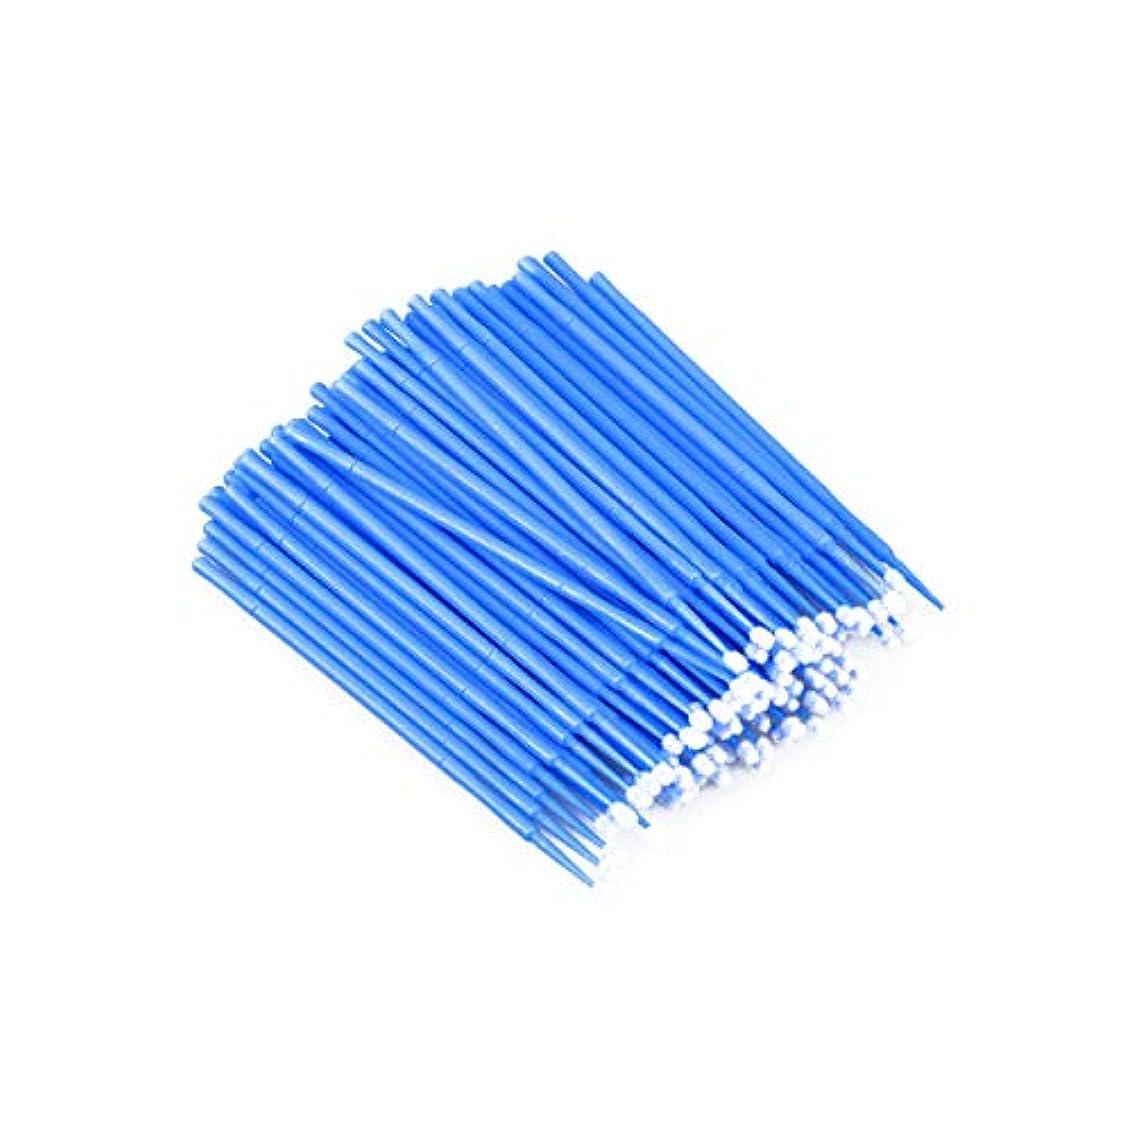 推進力ヶ月目リフト100個使い捨てマイクロアプリケーターブラシまつげエクステンション綿棒まつげマイクロブラシワンドメイクアップツール(青、ブラシ径2mm)